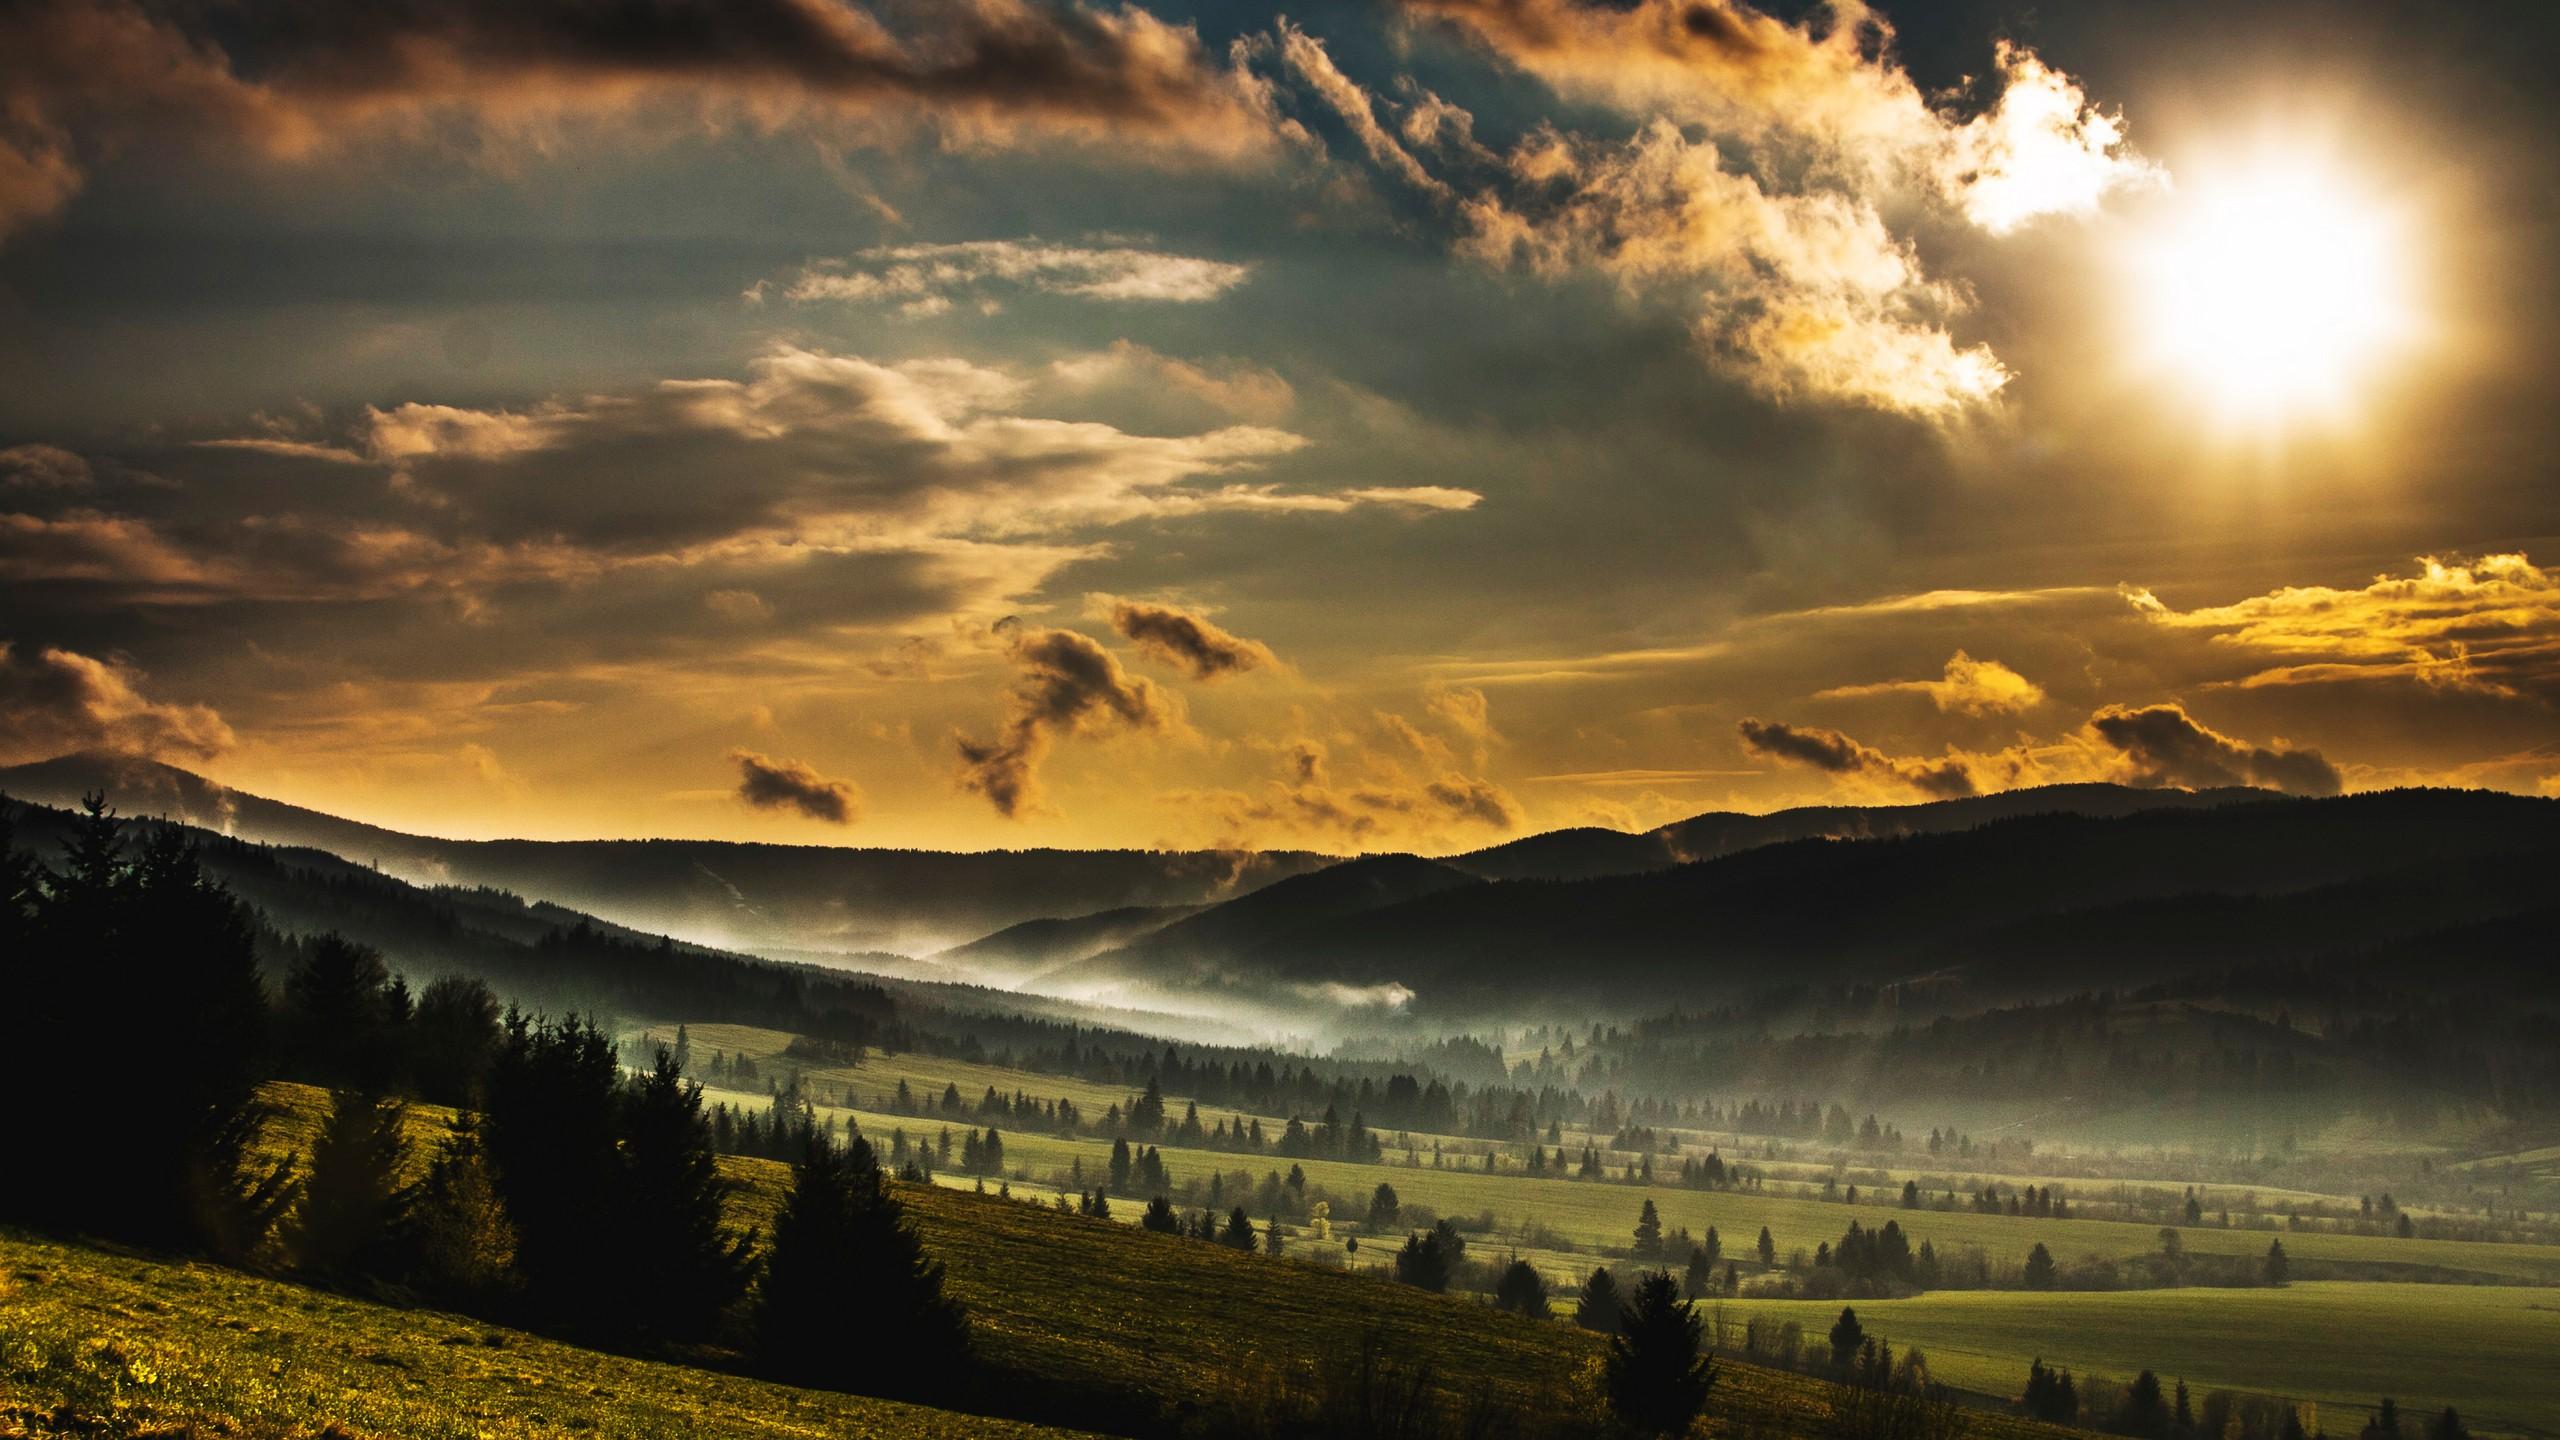 2560x1440 wallpaper landscape - photo #8